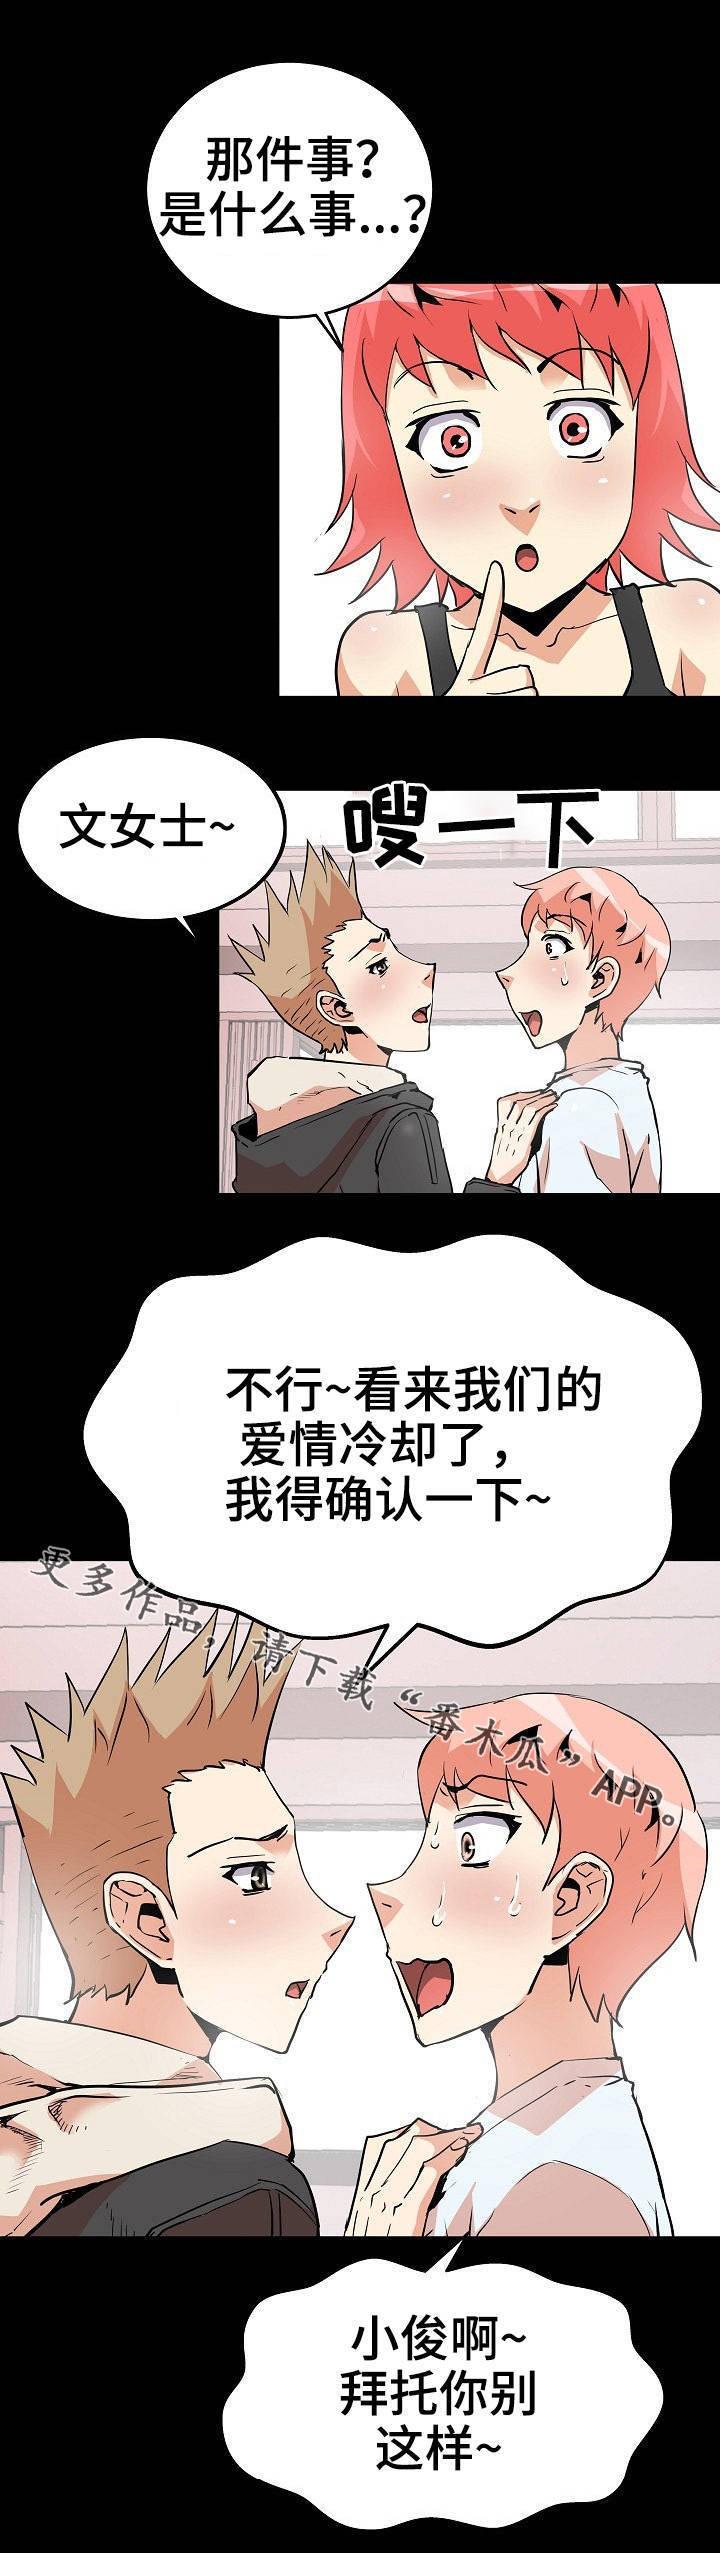 恋爱韩漫:《新家庭》 第43-45话-天狐阅读